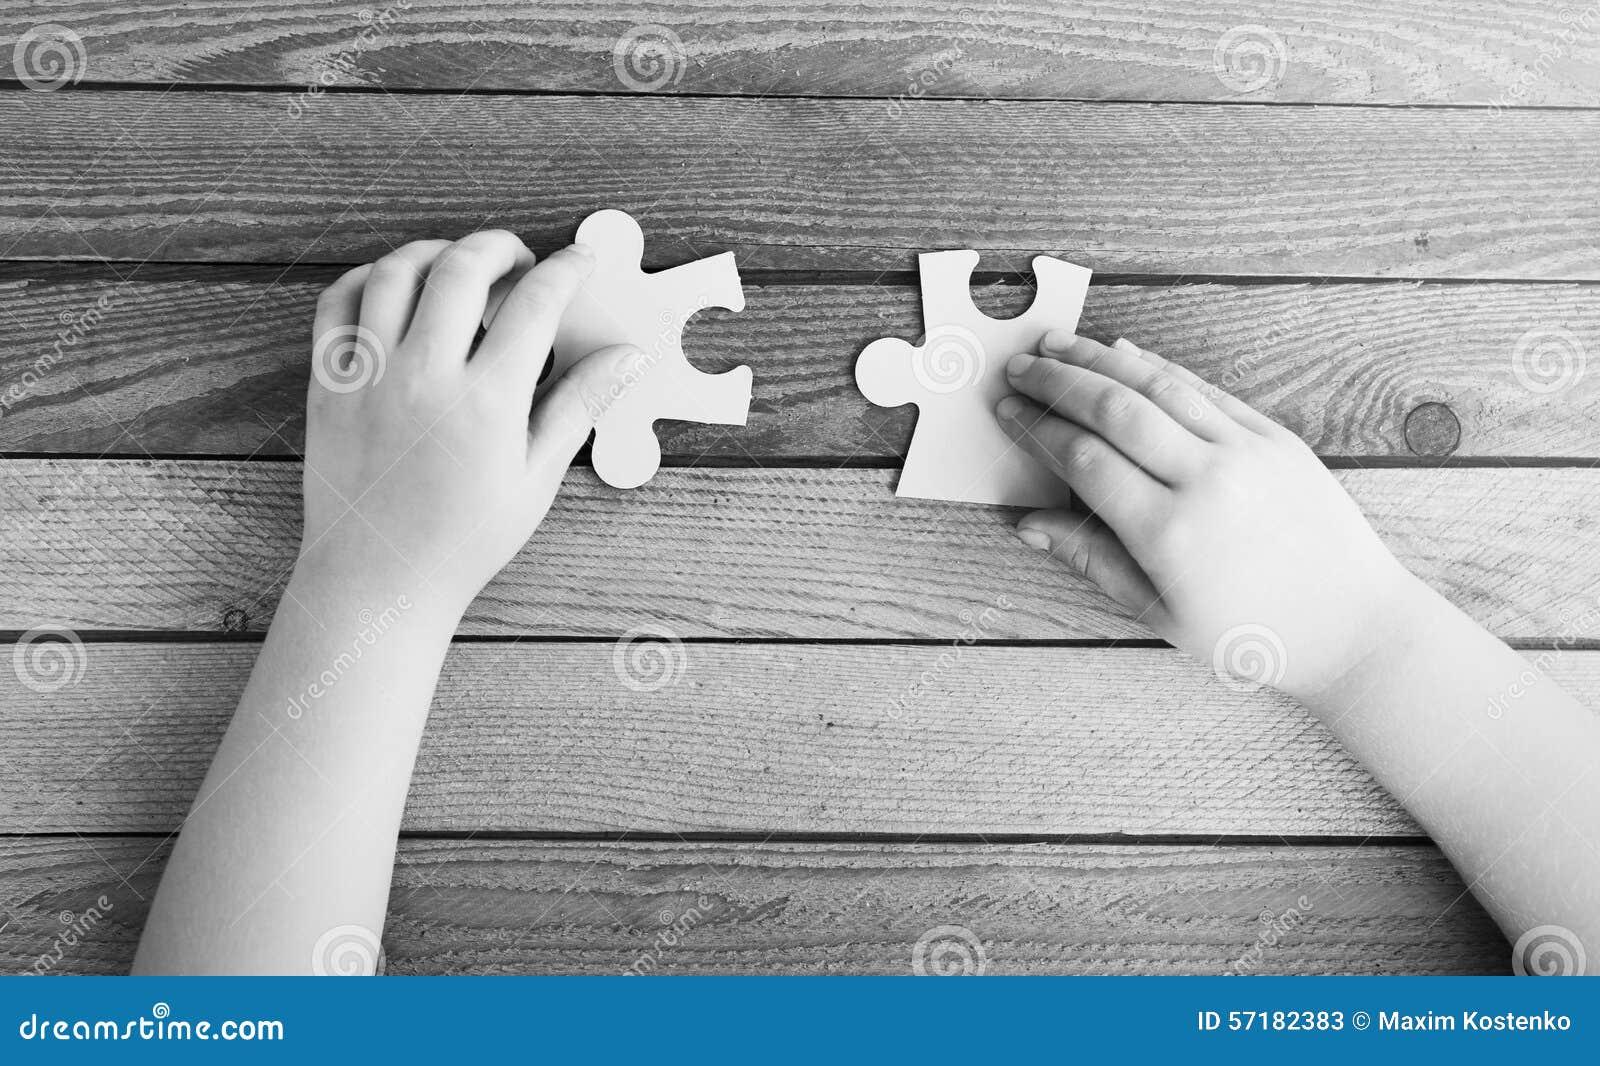 Kantjusterad bild av händer som förbinder två pusselstycken